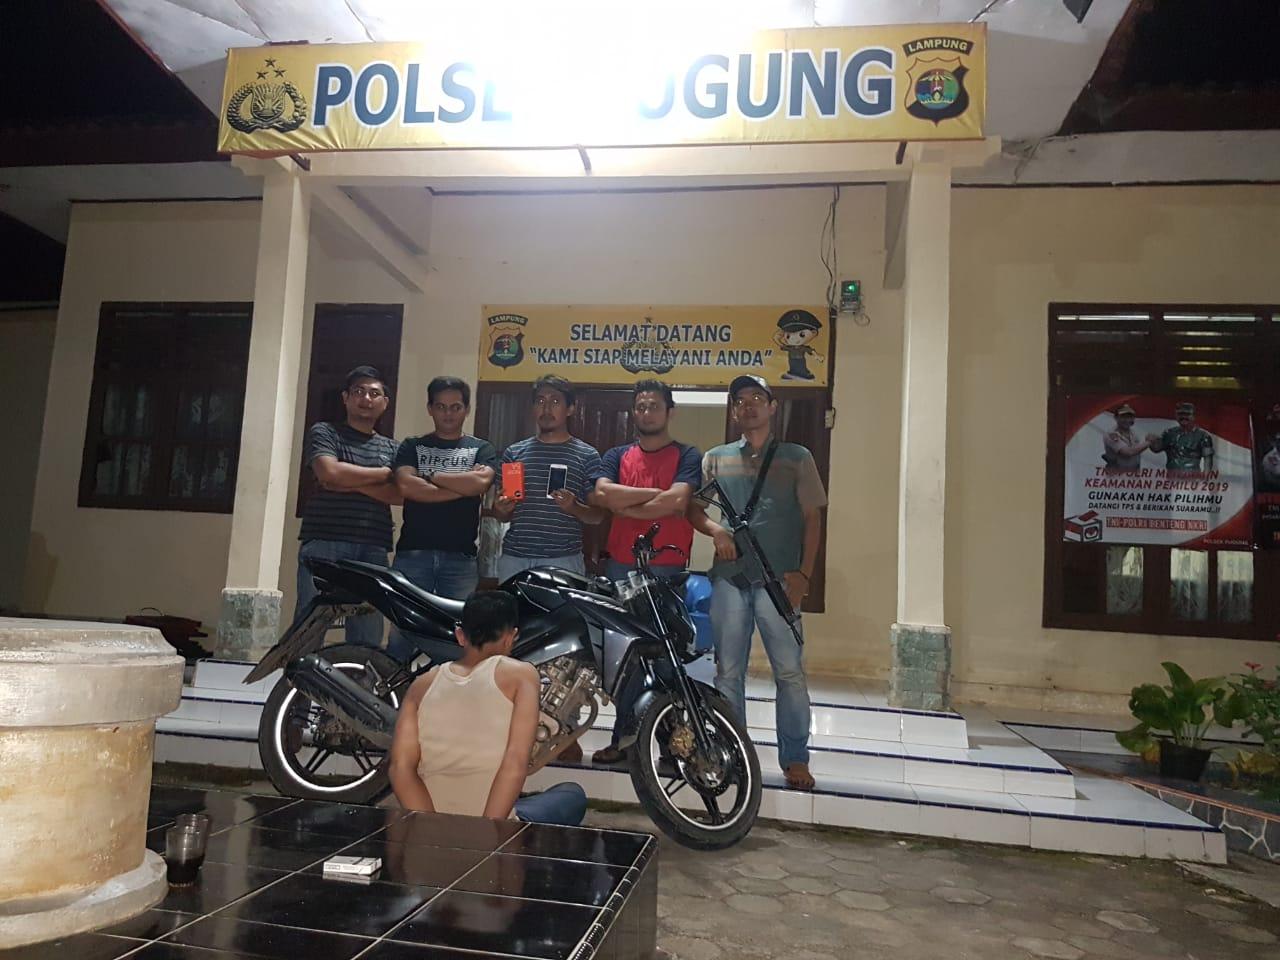 Pelajar Jambret Asal Tanggamus Ditangkap Saat Main PS